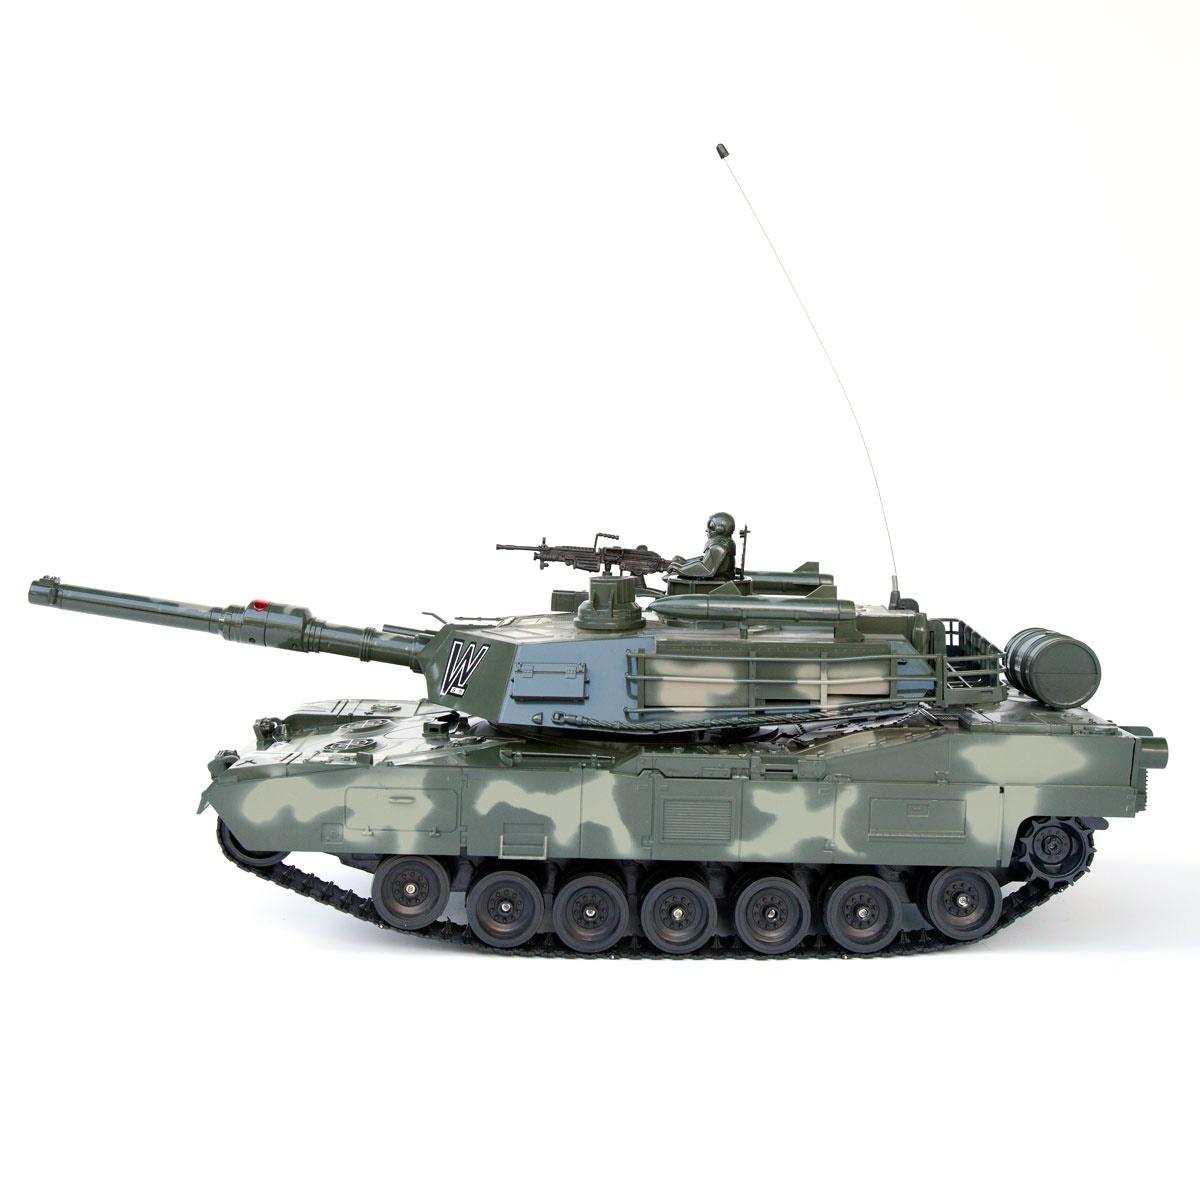 rc ferngesteuerter panzer r c modellbau leopard oder. Black Bedroom Furniture Sets. Home Design Ideas